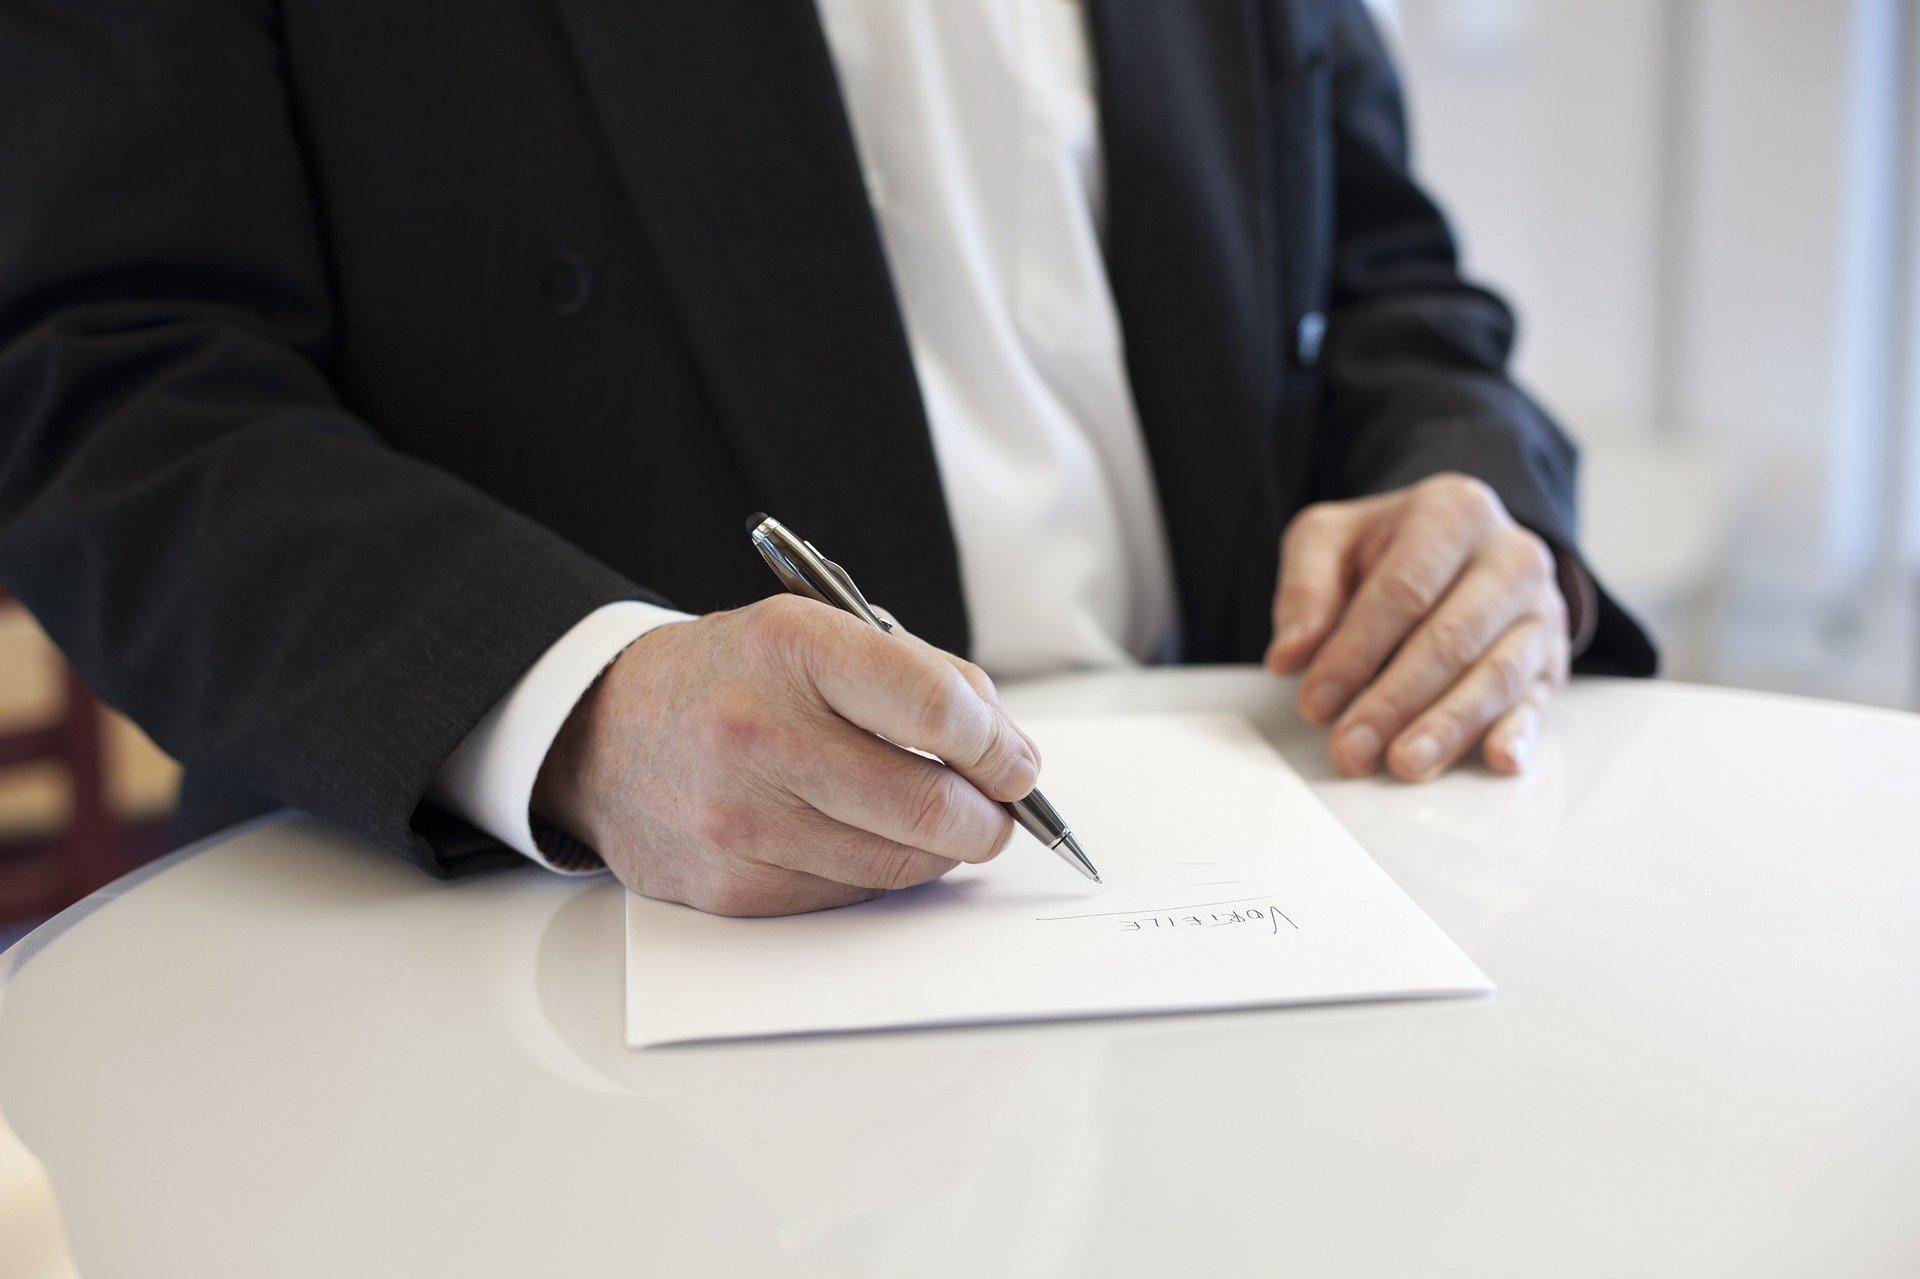 Prezydent podpisał nowelę ustawy o utrzymaniu czystości i porządku w gminach